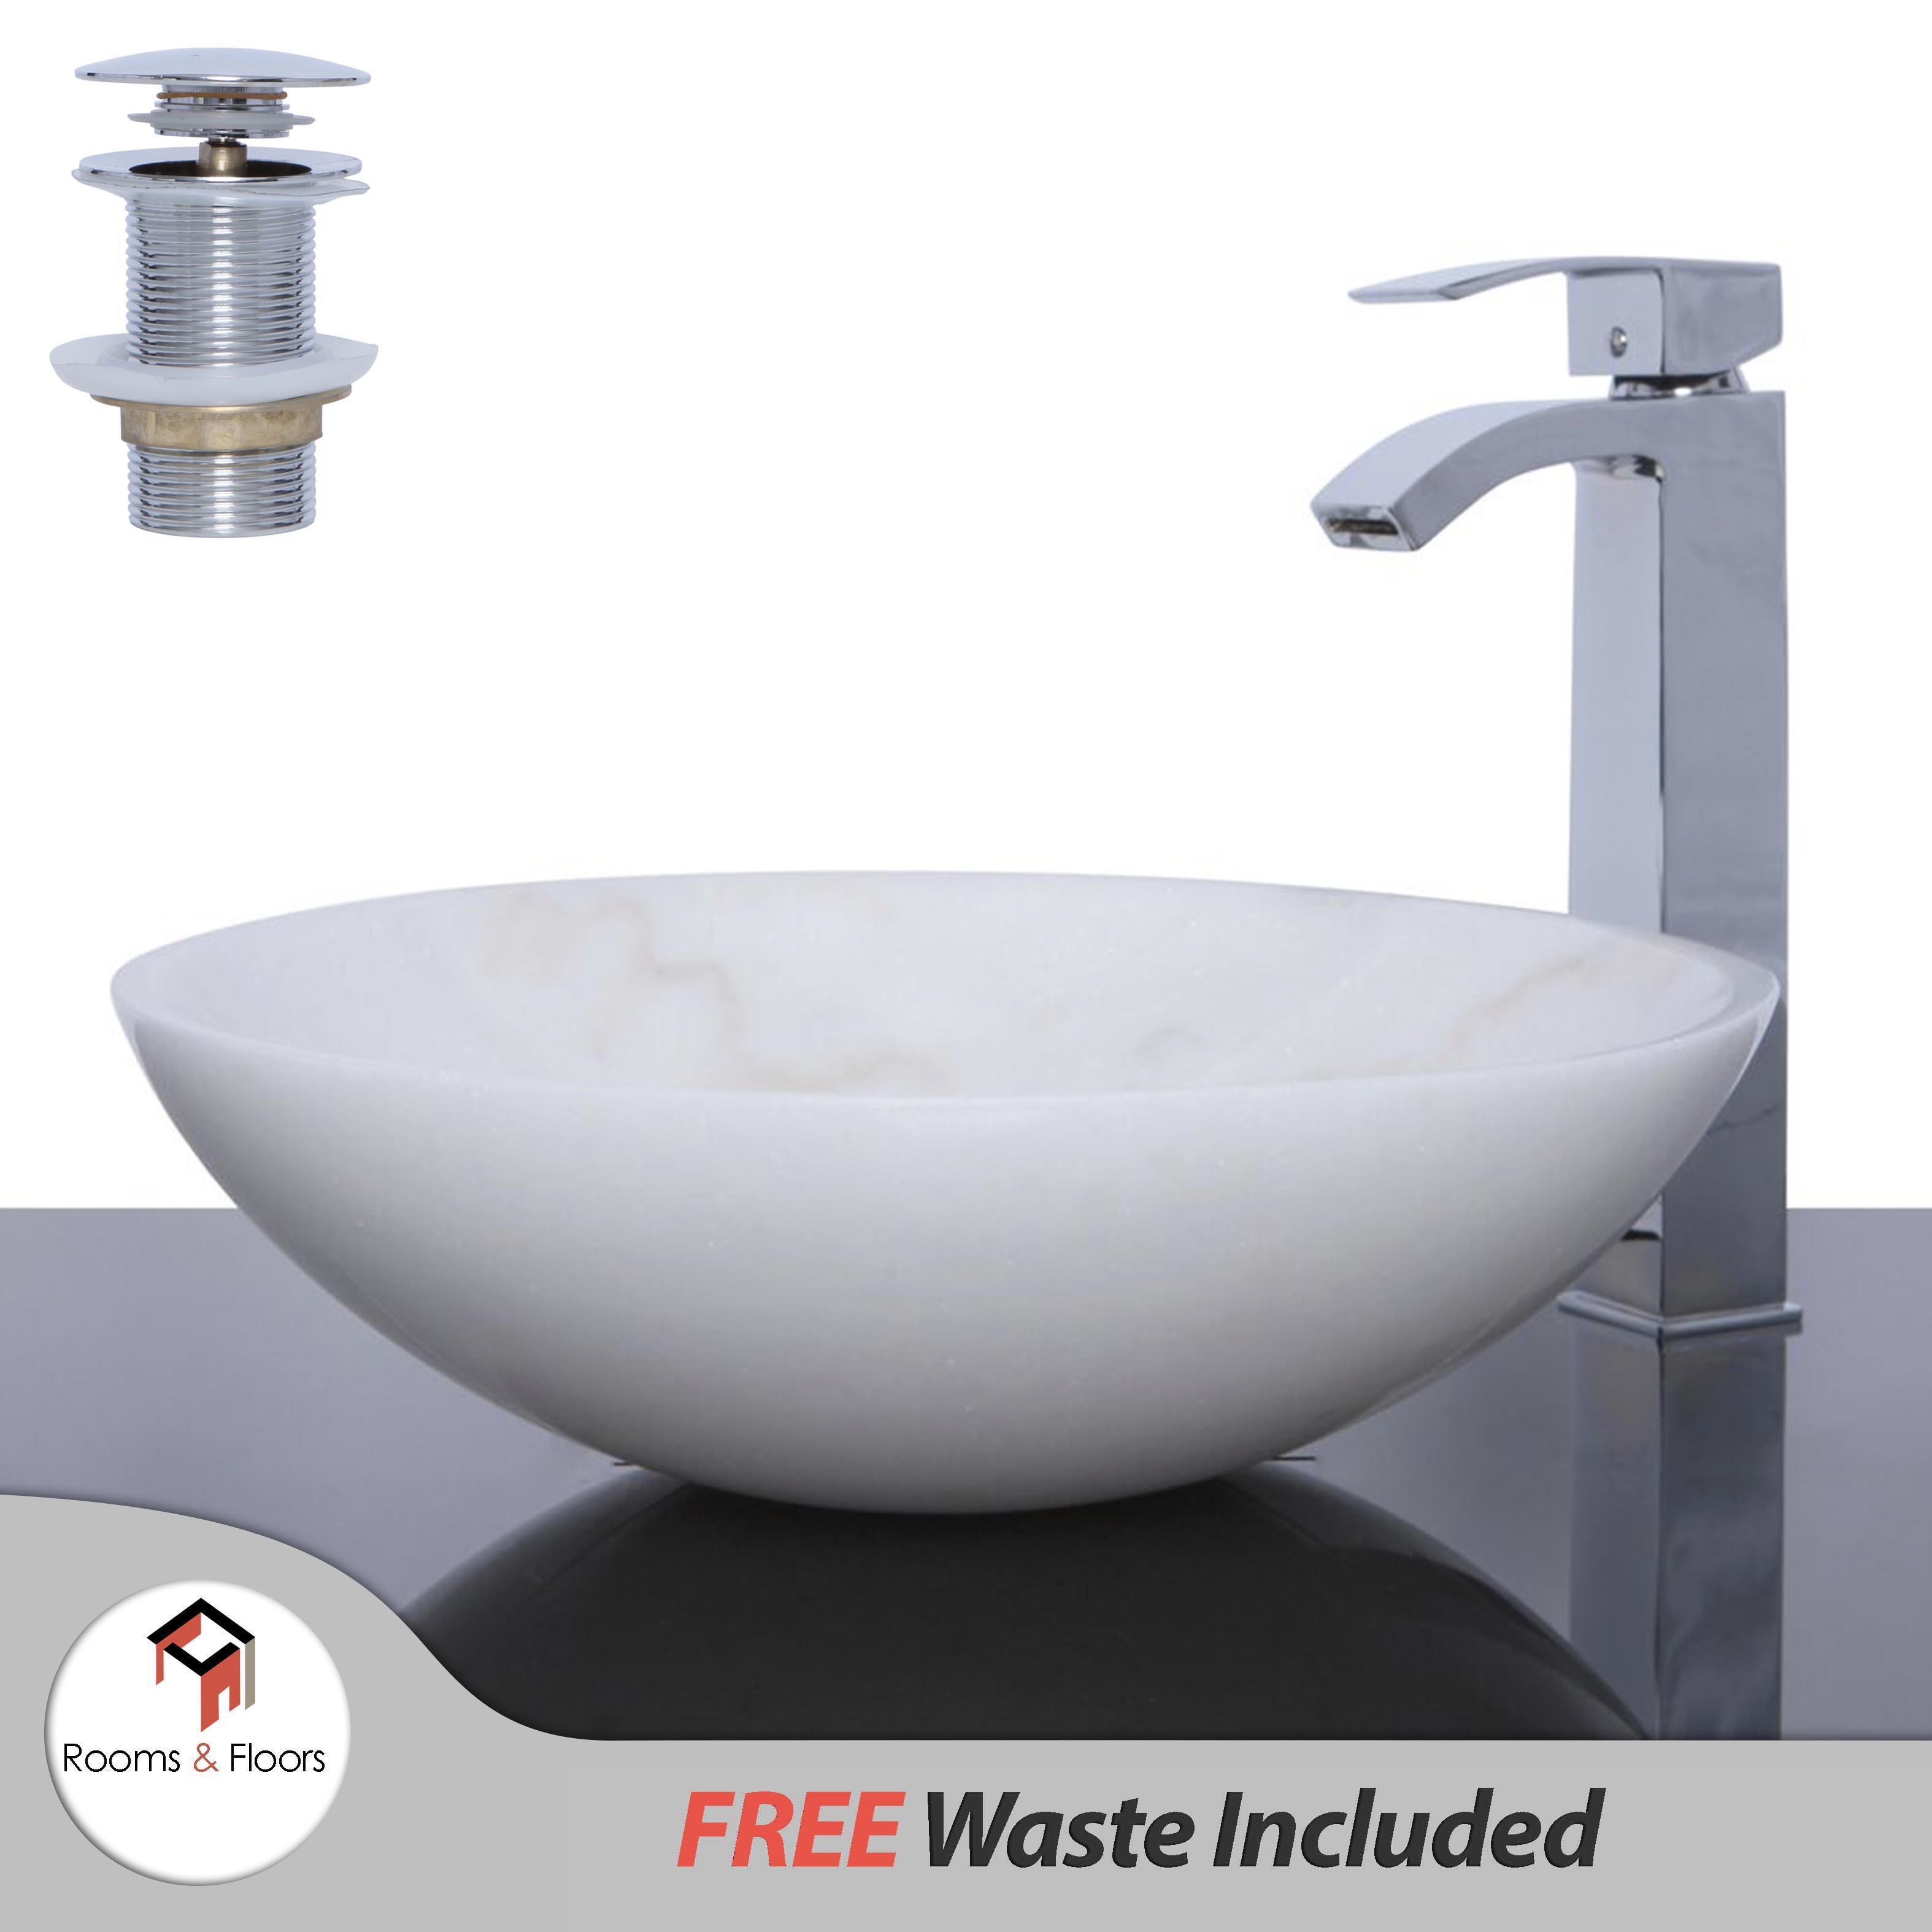 beige marmor stein rund waschbecken waschbecken 42 cm abfall freier ebay. Black Bedroom Furniture Sets. Home Design Ideas